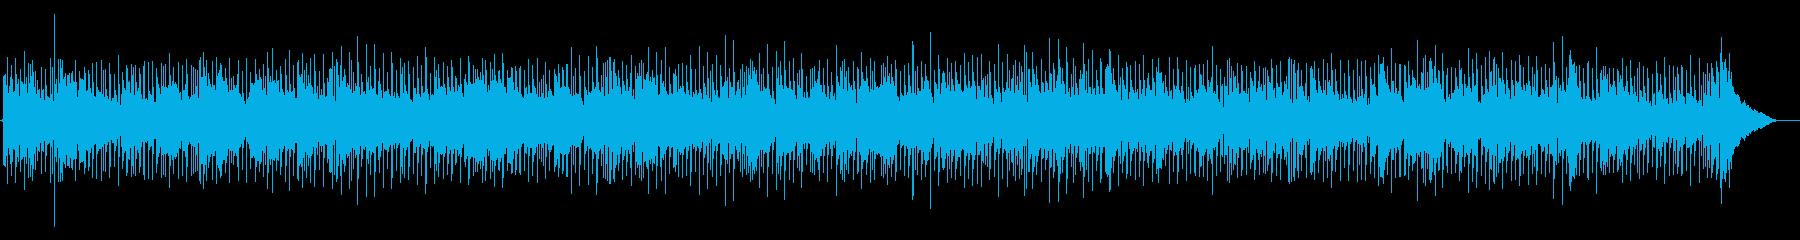 軽快なカントリーの再生済みの波形